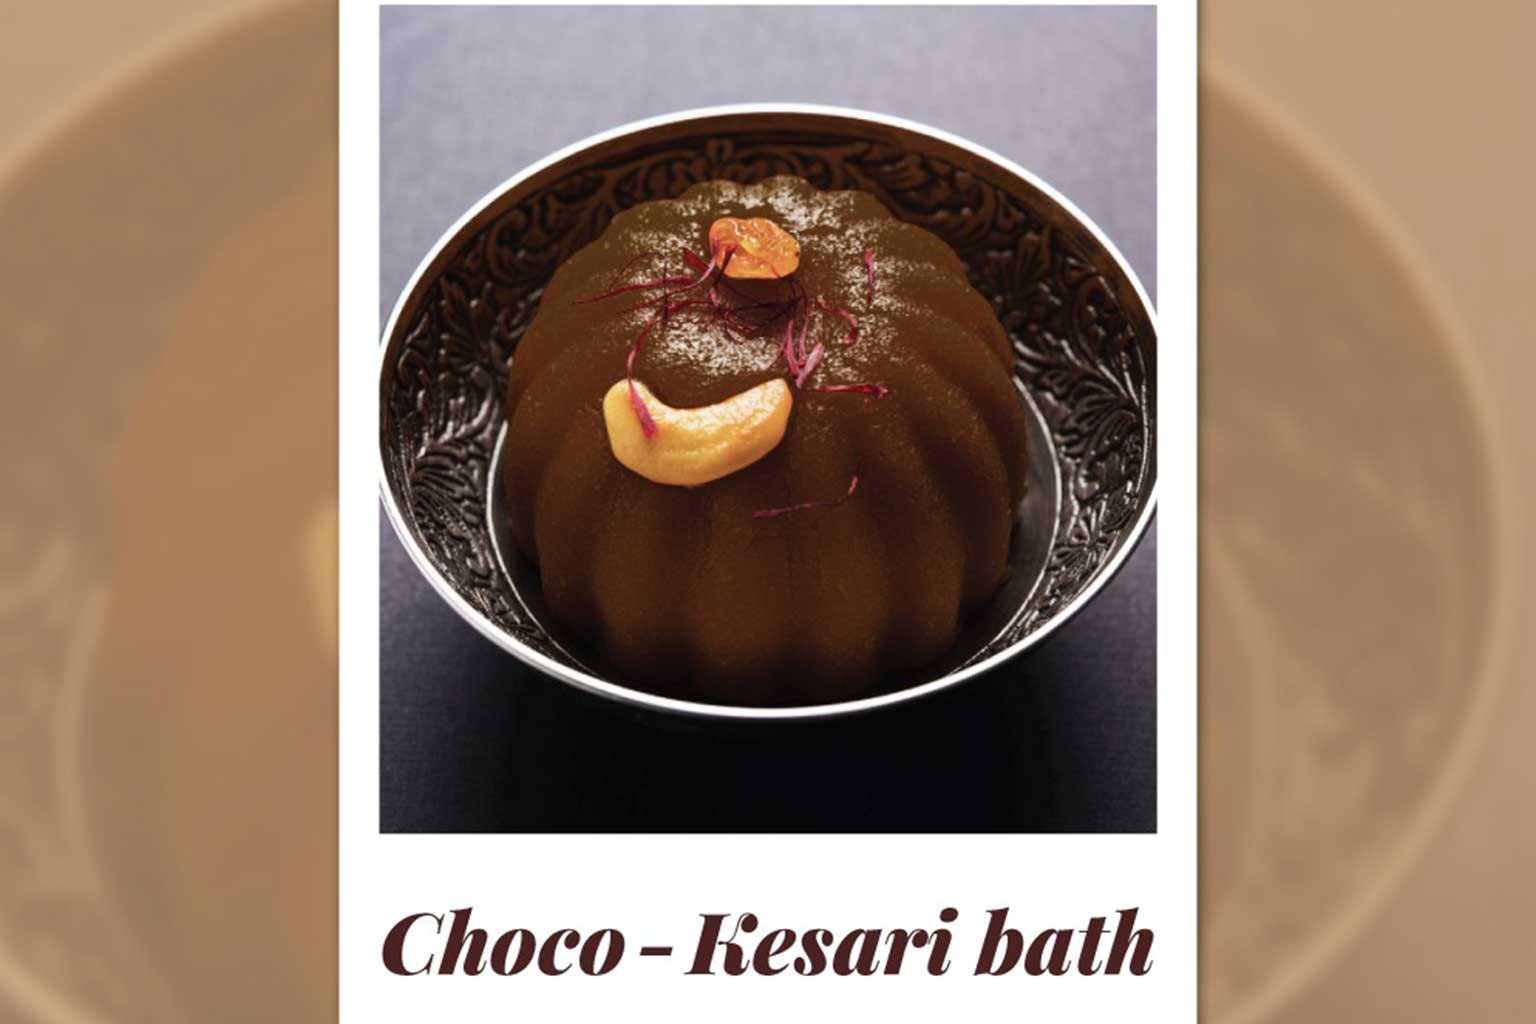 campco choco kesari bath